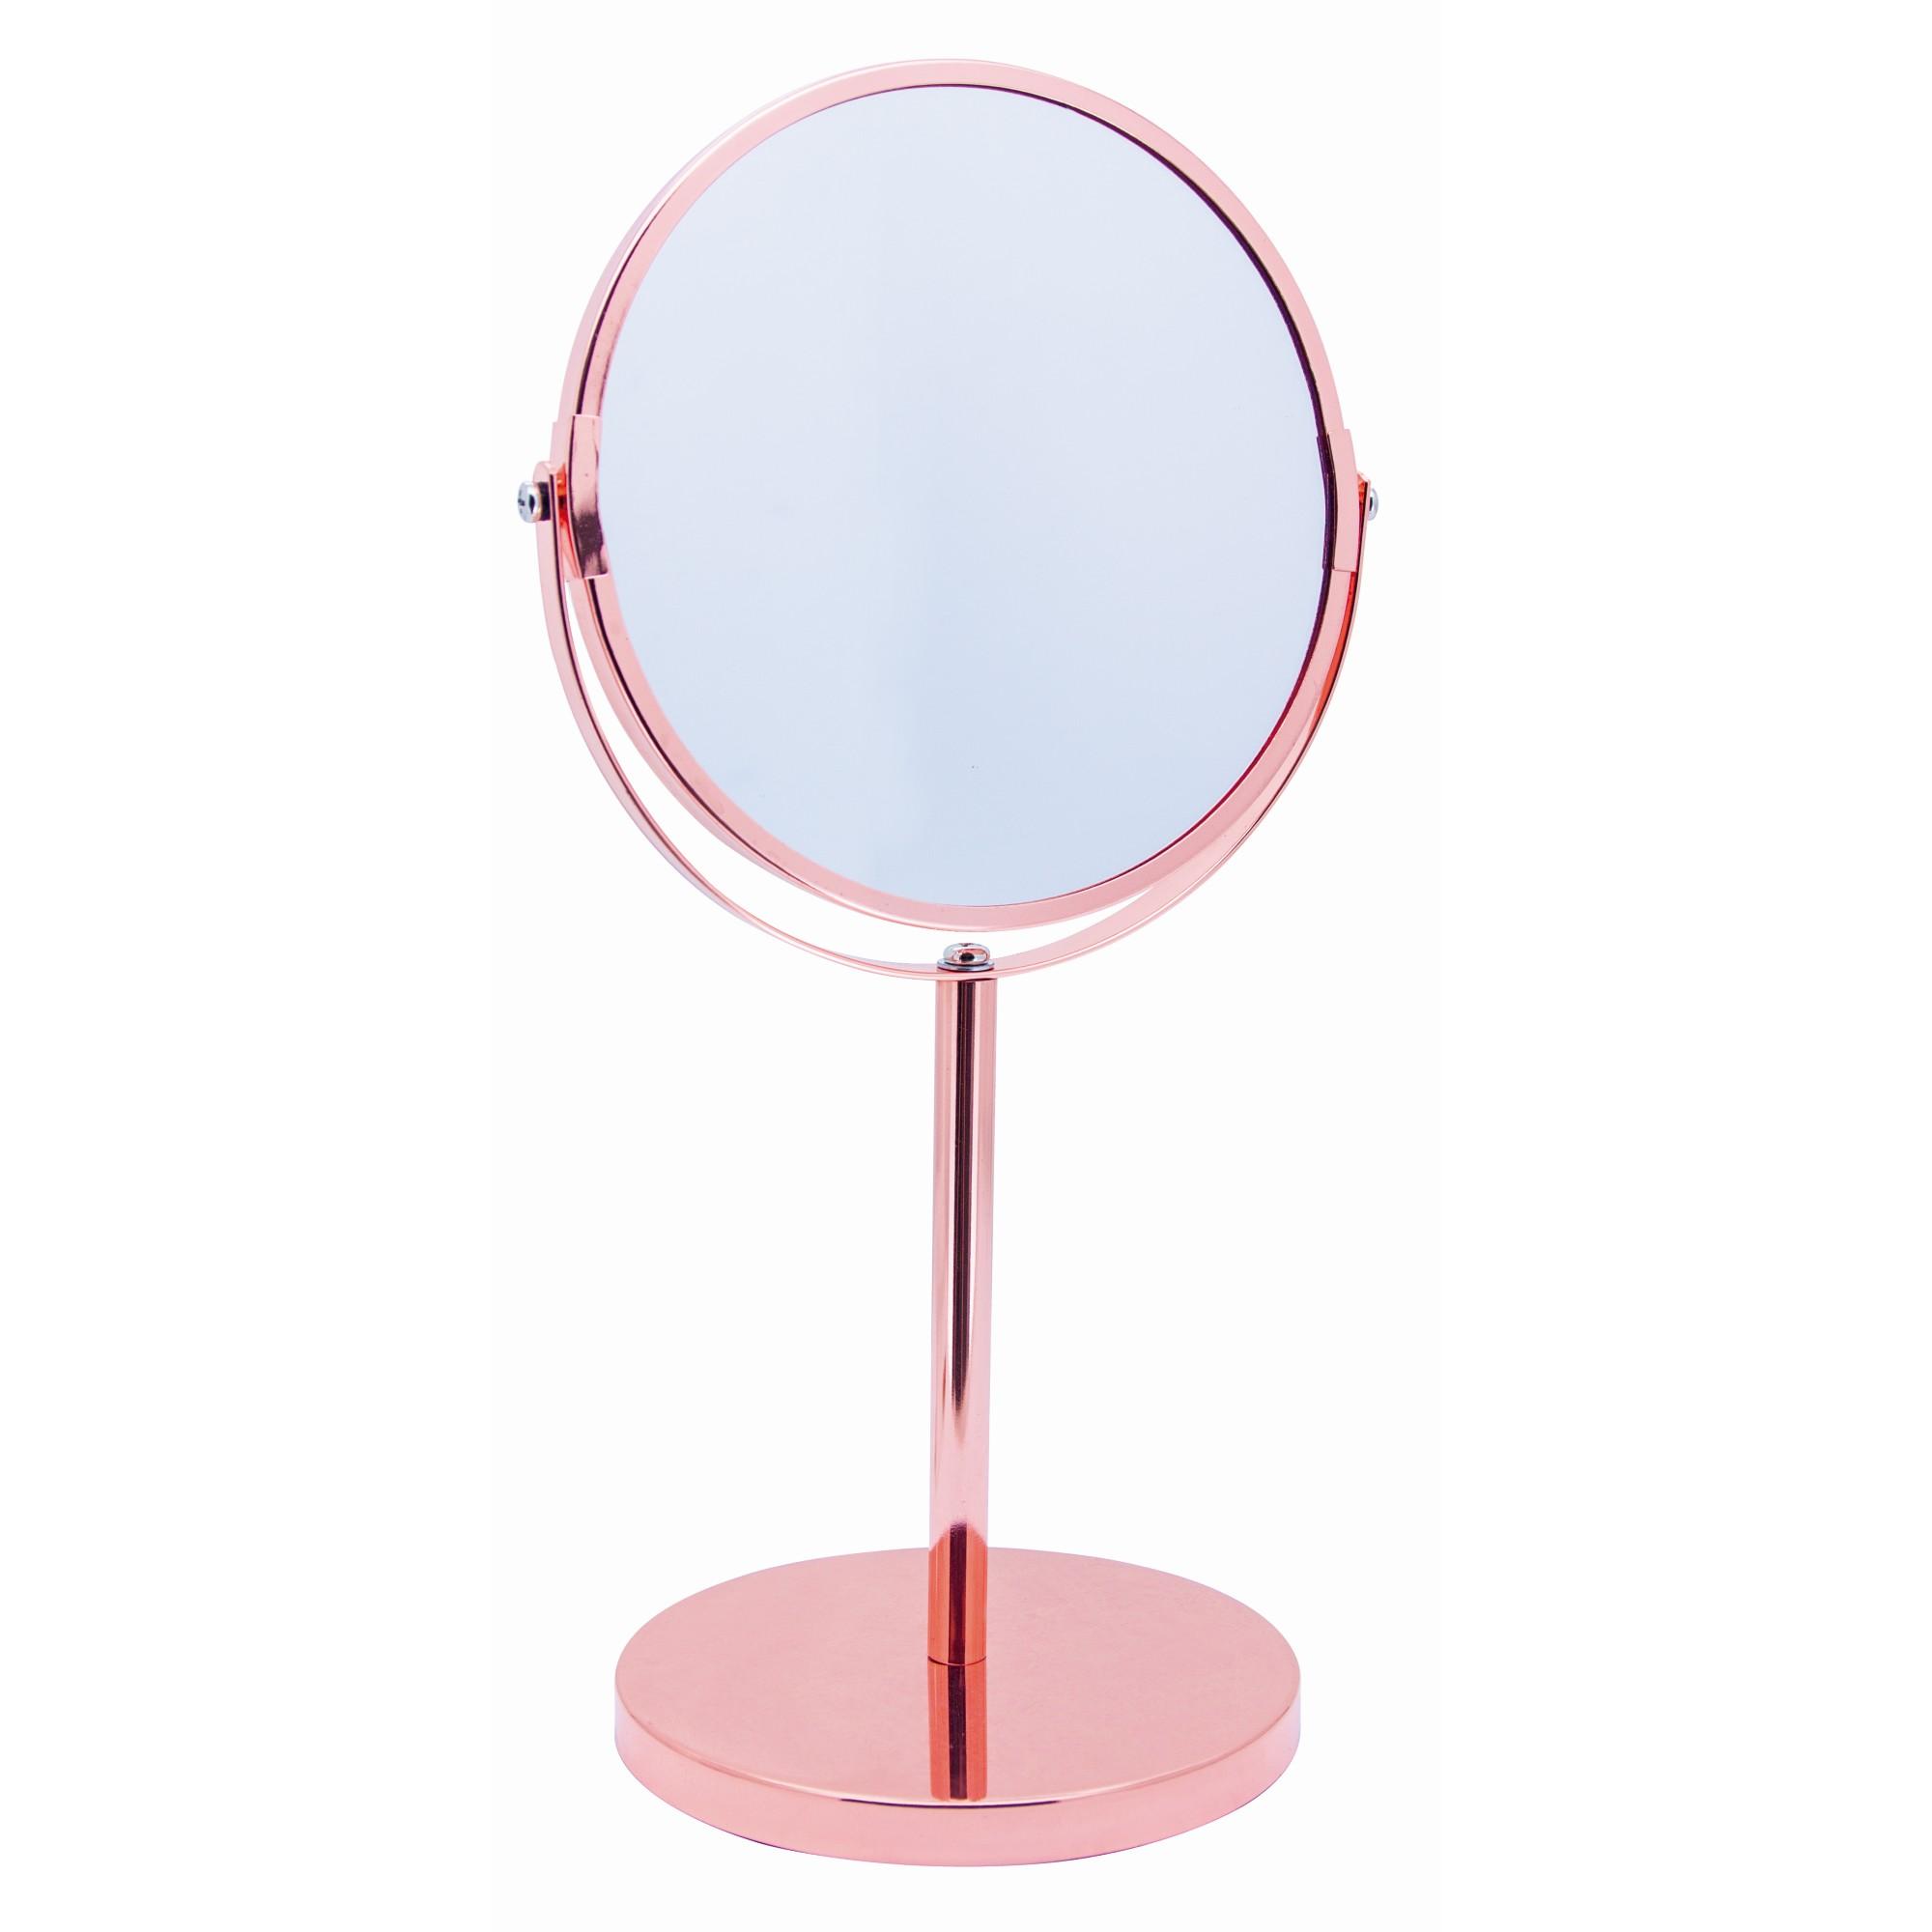 Espelho para Bancada Redondo 13mm 36x19 cm com Moldura - Mimo Style